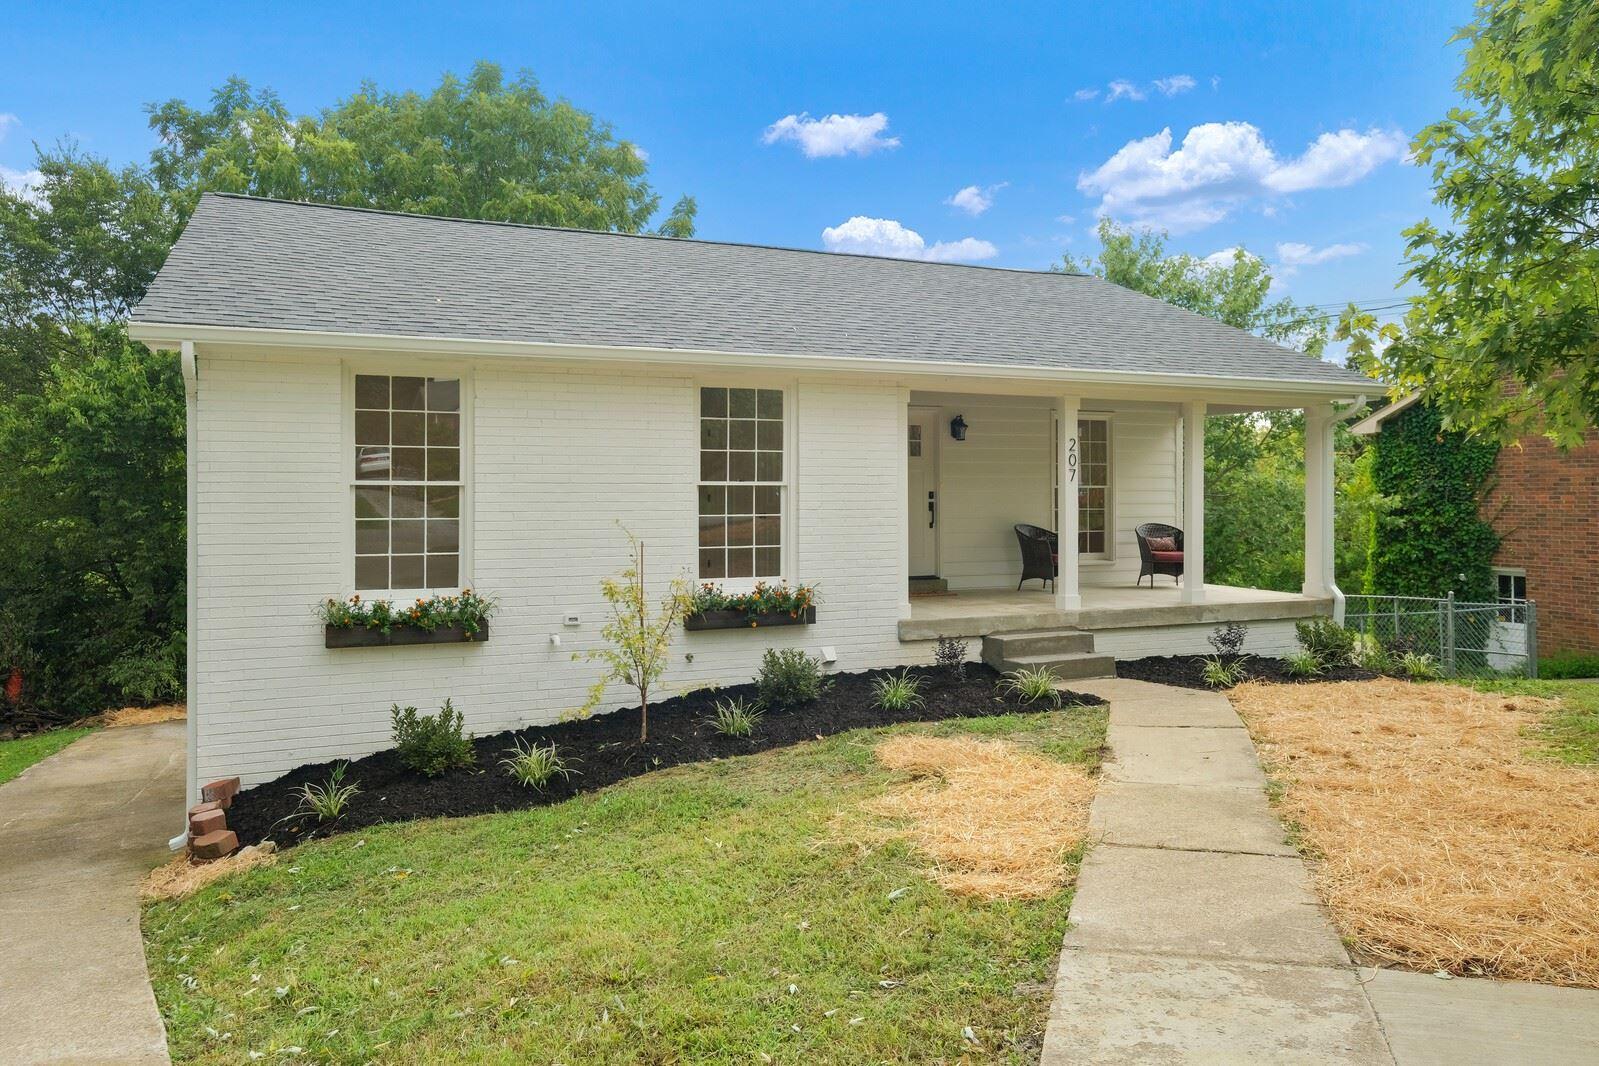 207 Township Dr, Hendersonville, TN 37075 - MLS#: 2287587